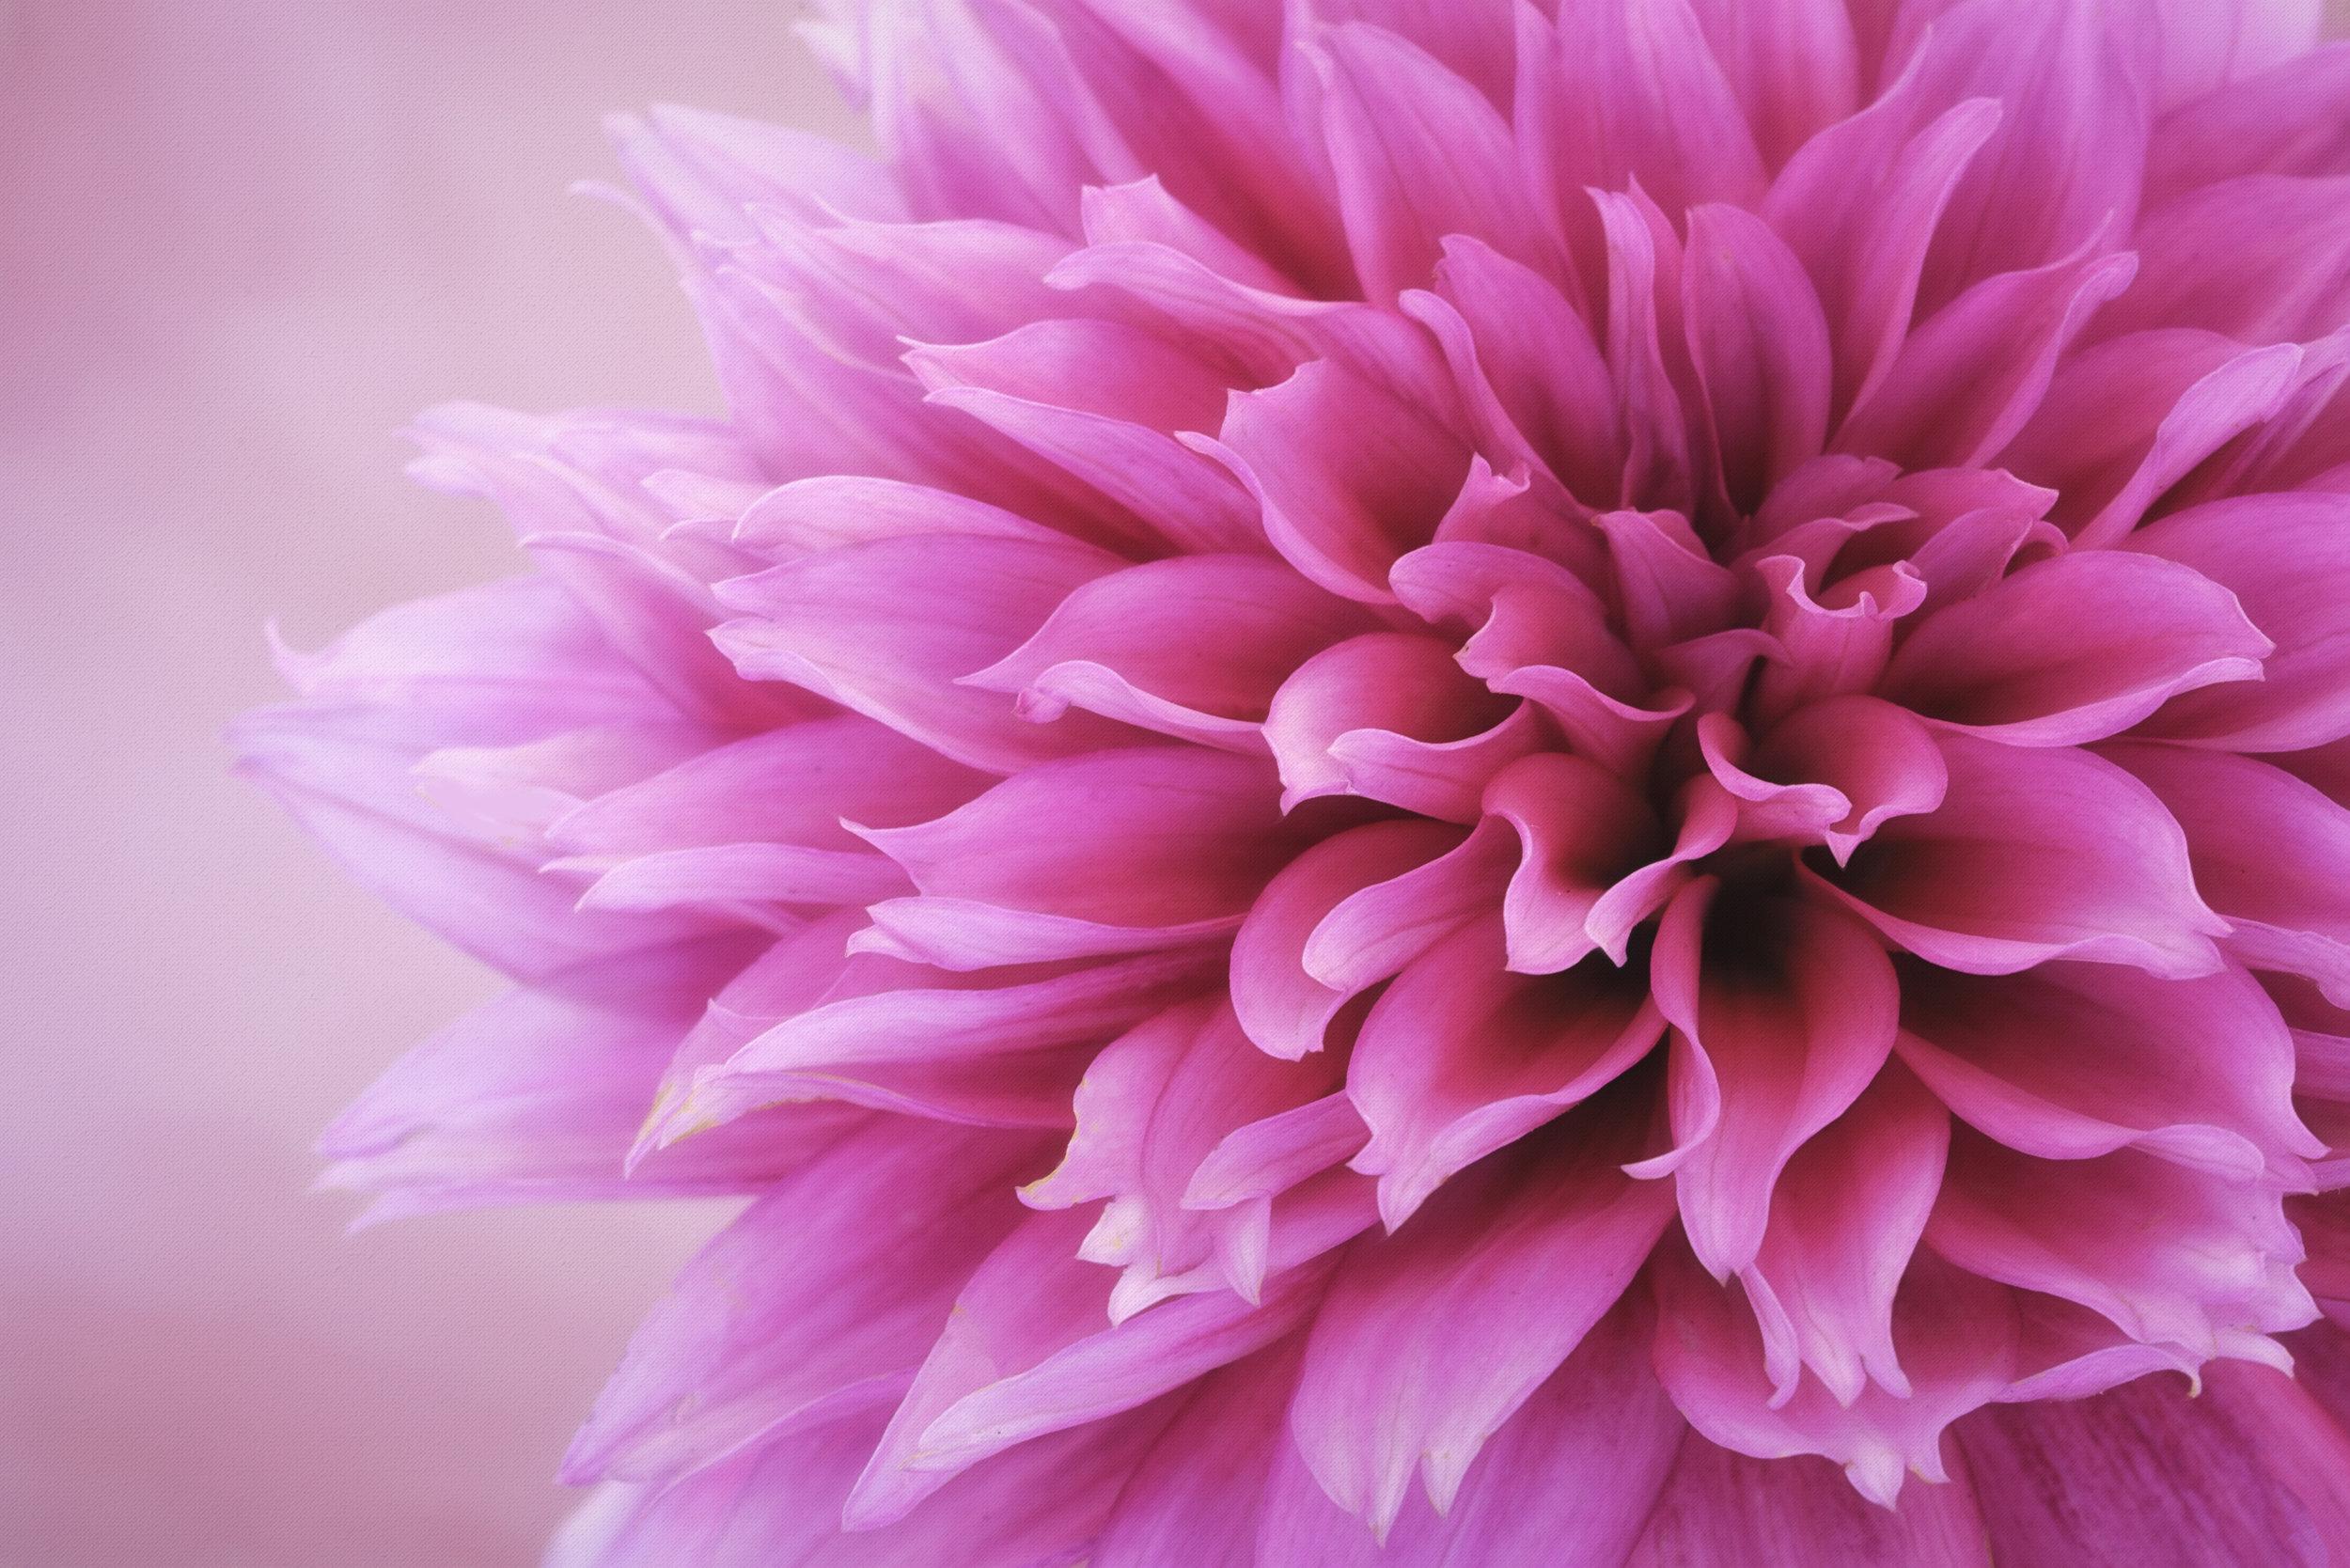 Maggie Yates Flowers-19.jpg